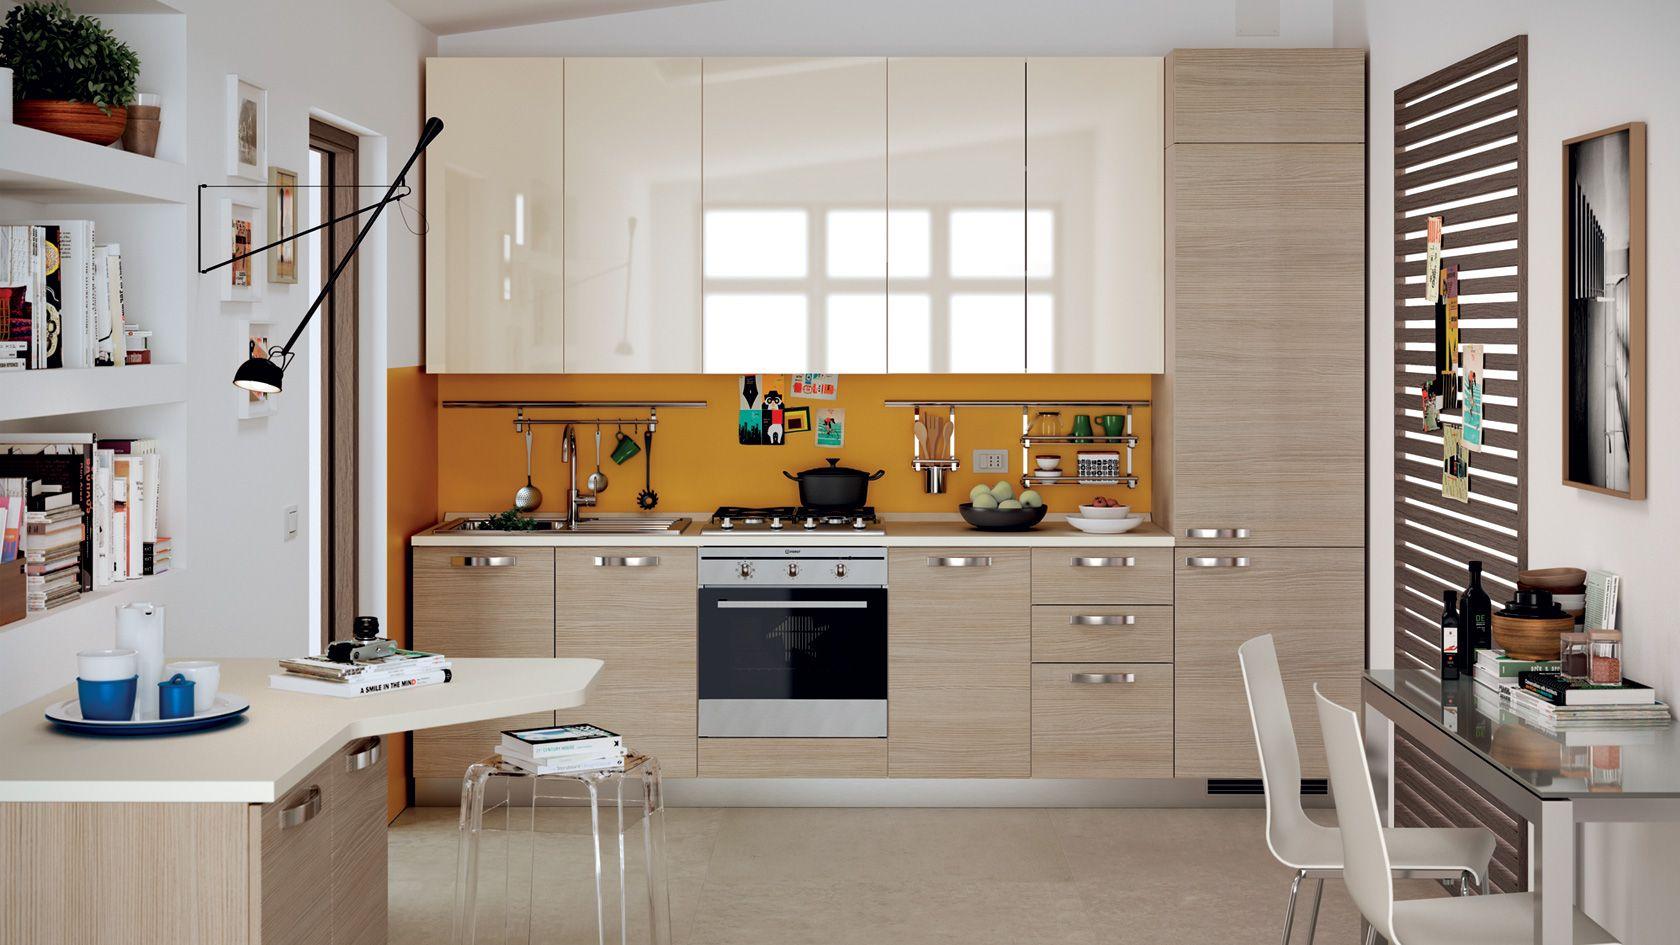 Cucina componibile Urban | Sito ufficiale Scavolini | Progetti da ...